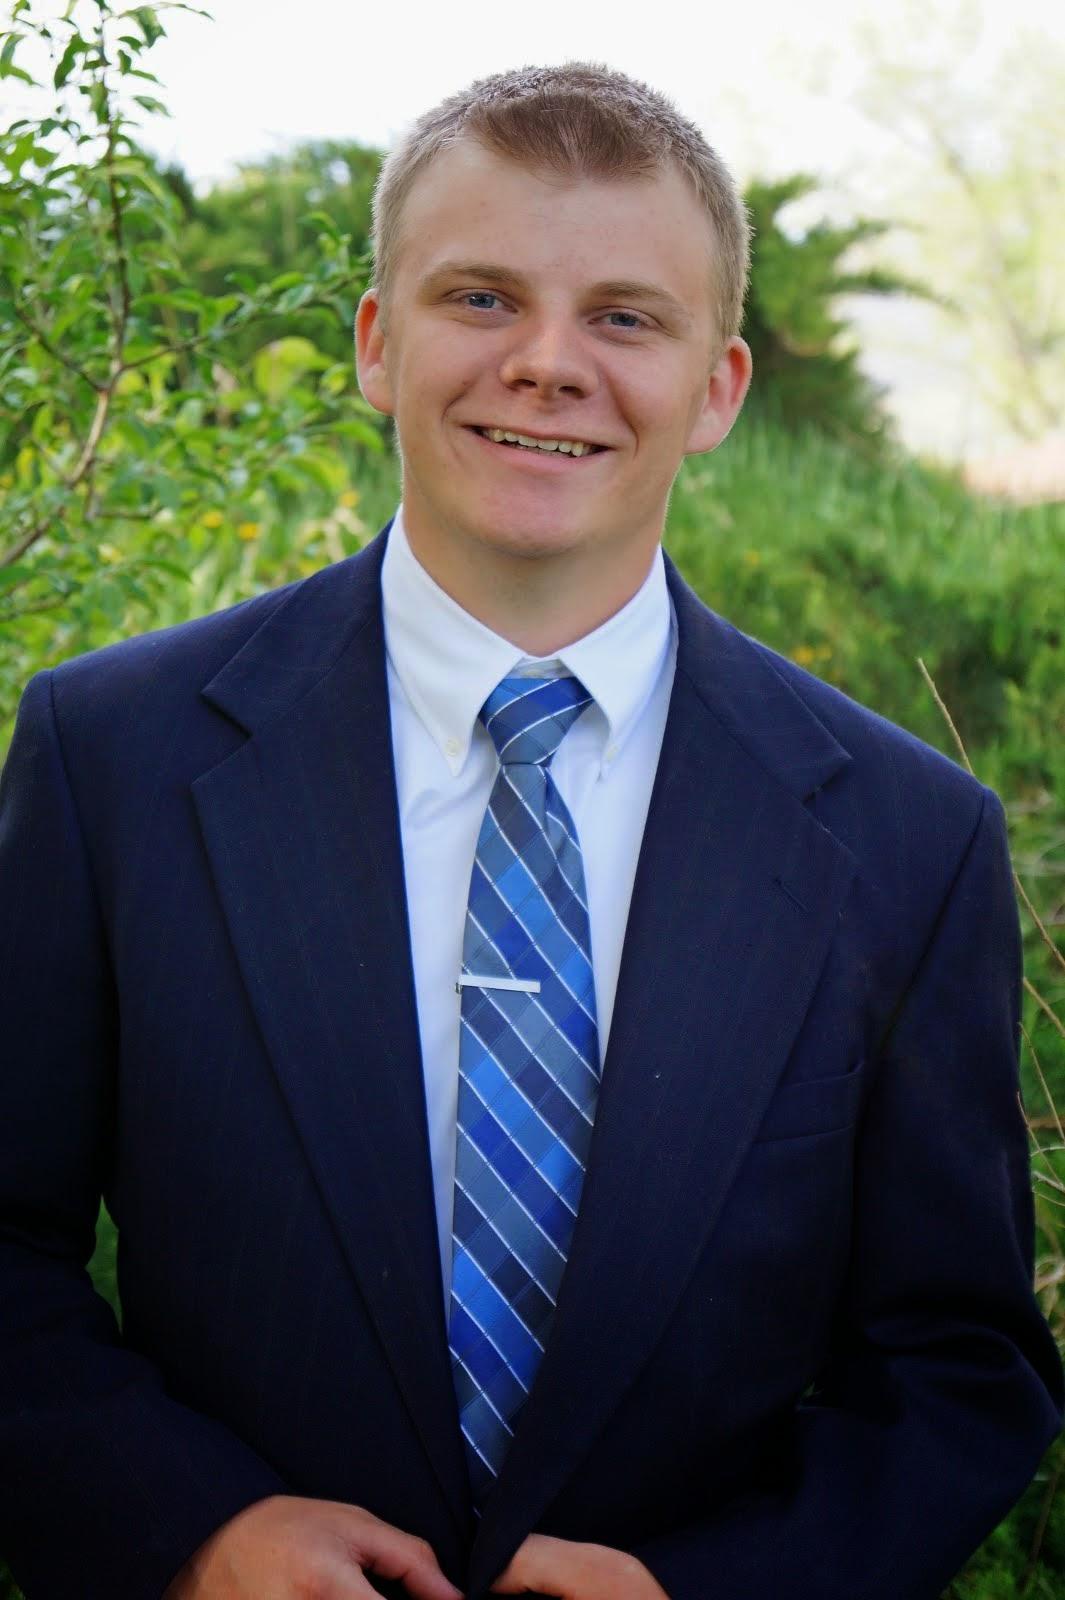 Elder Dallin Lambertsen